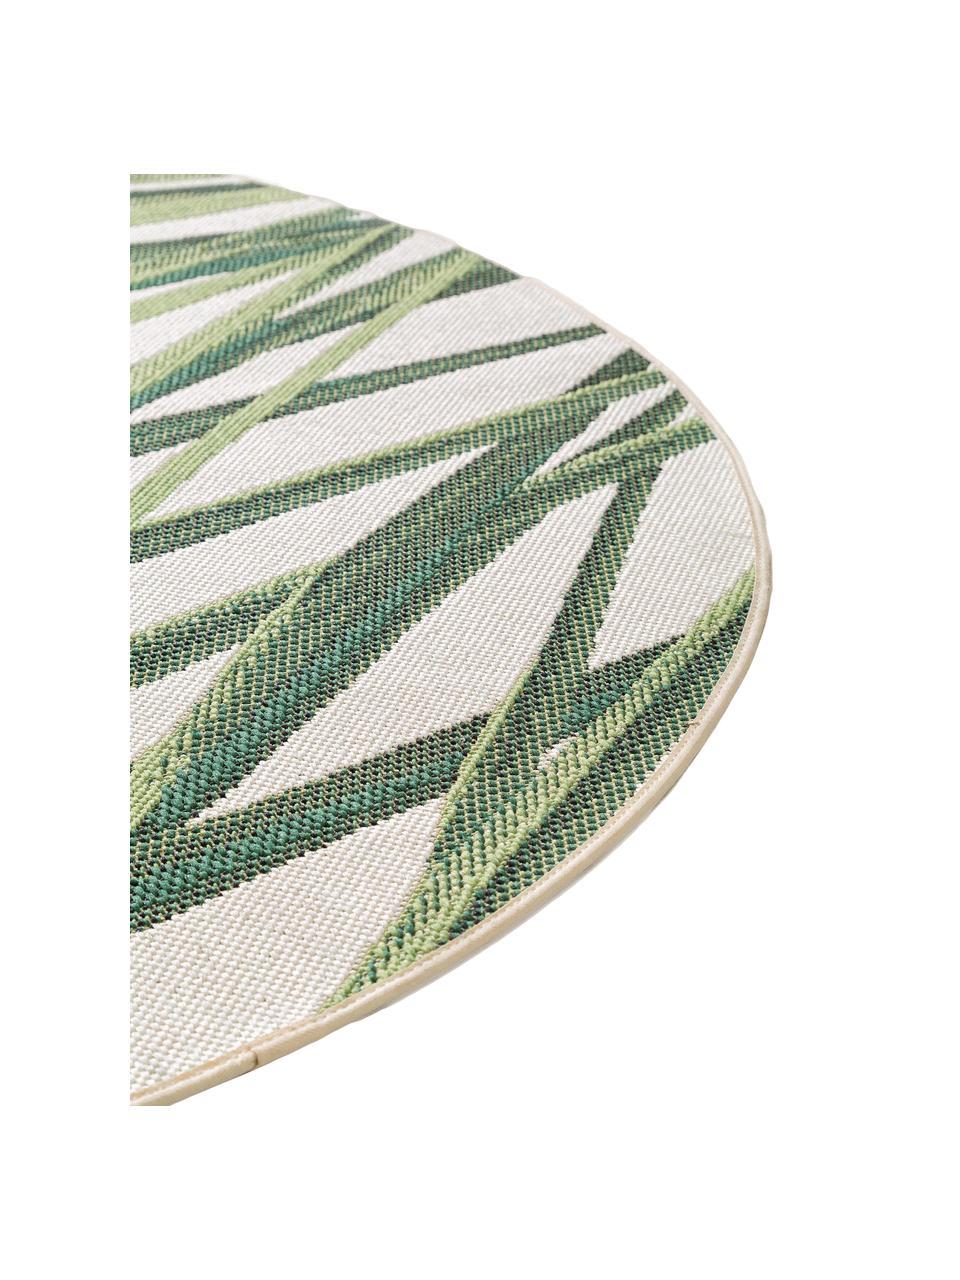 Runder In- & Outdoor-Teppich Capri mit Blattmotiv, 100% Polypropylen, Grün, Beige, Ø 160 cm (Größe L)